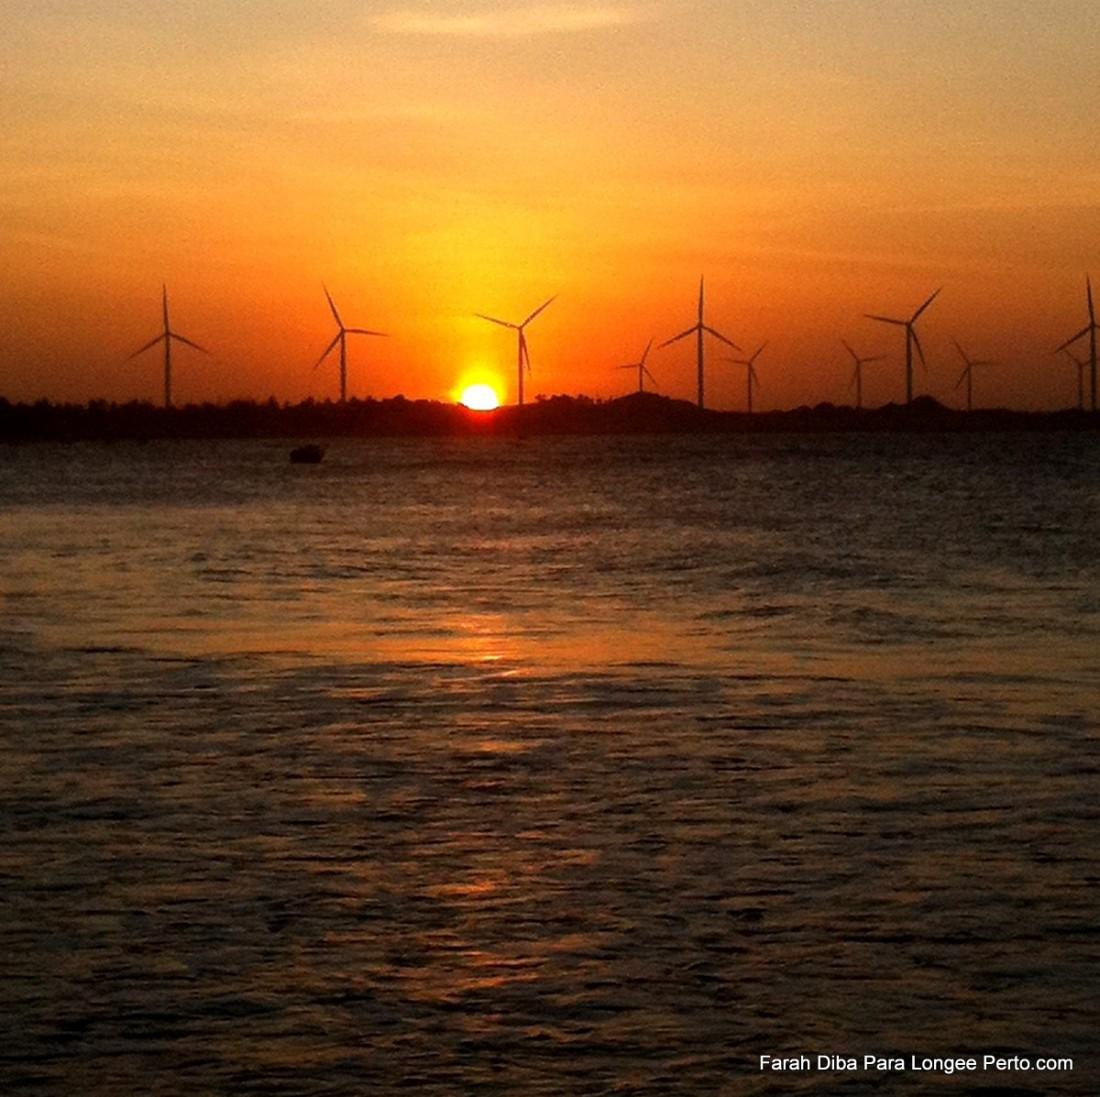 Icaraizinho, paraíso perdido no litoral do Ceará!